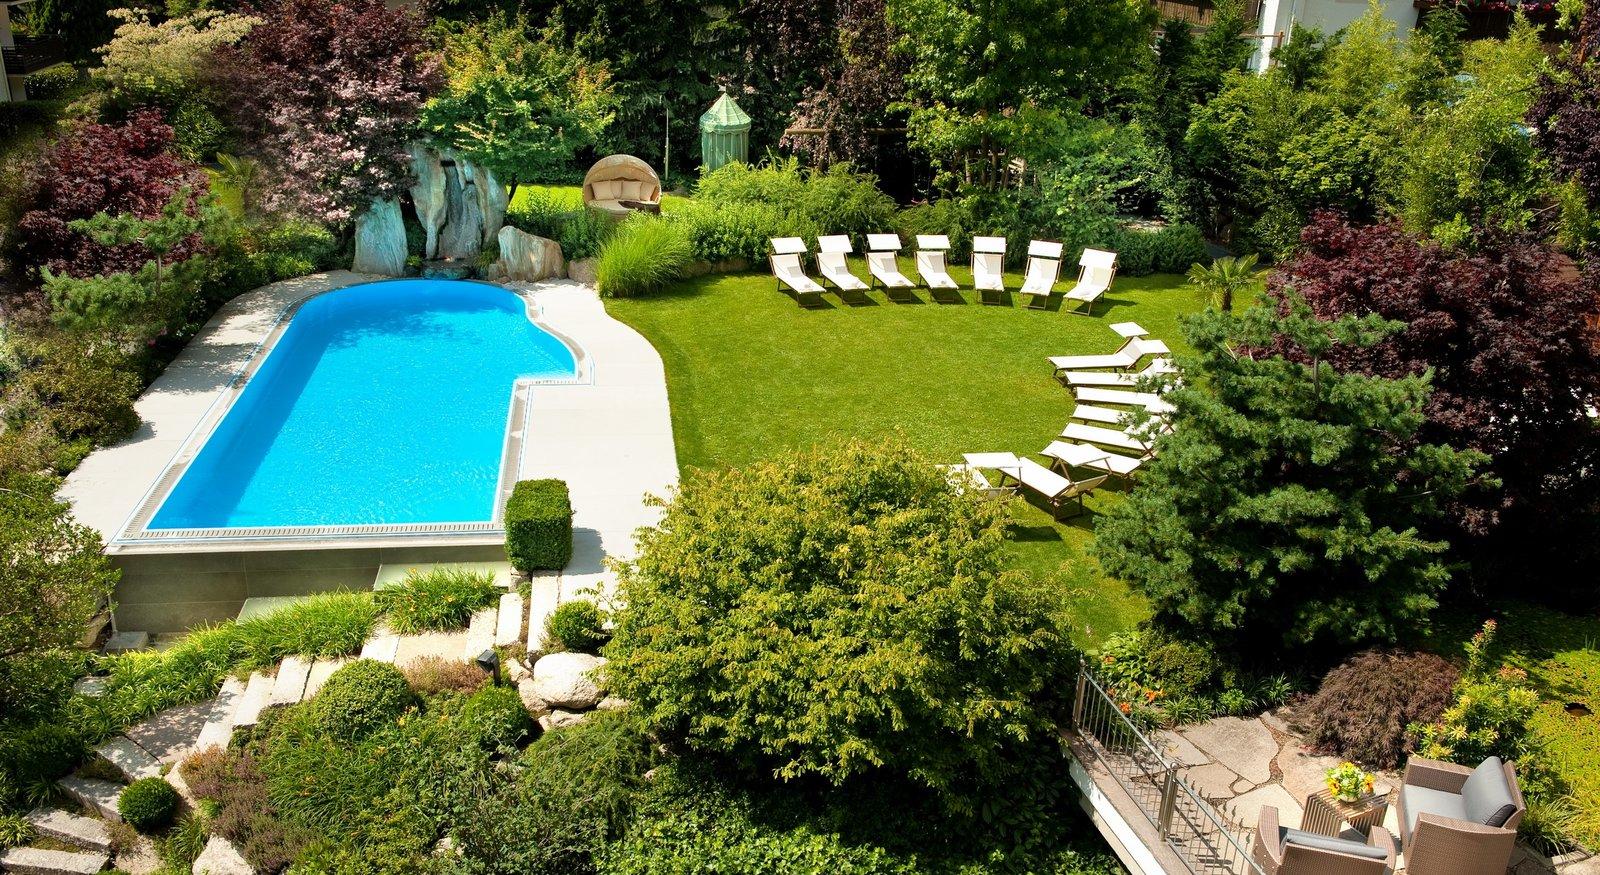 Hotel con piscina in val venosta hotel anderlahn parcines for Piscina in giardino